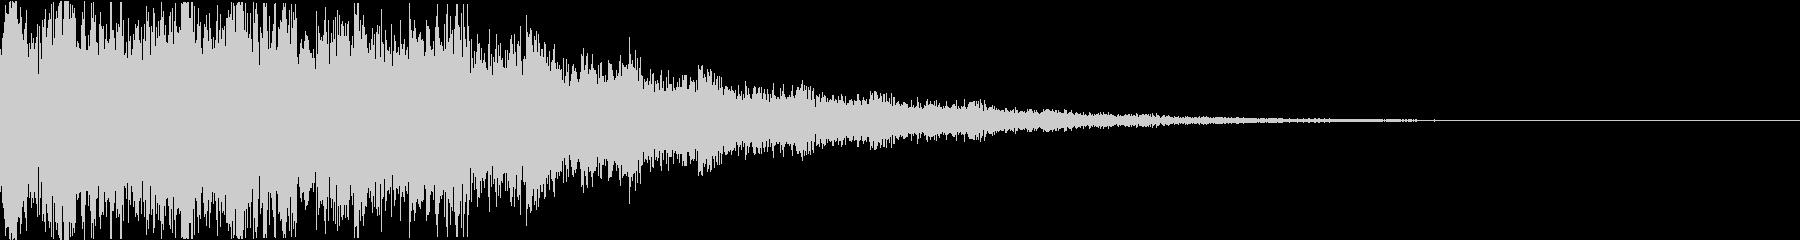 ディズニー・ファンタジー風な衝撃音gの未再生の波形